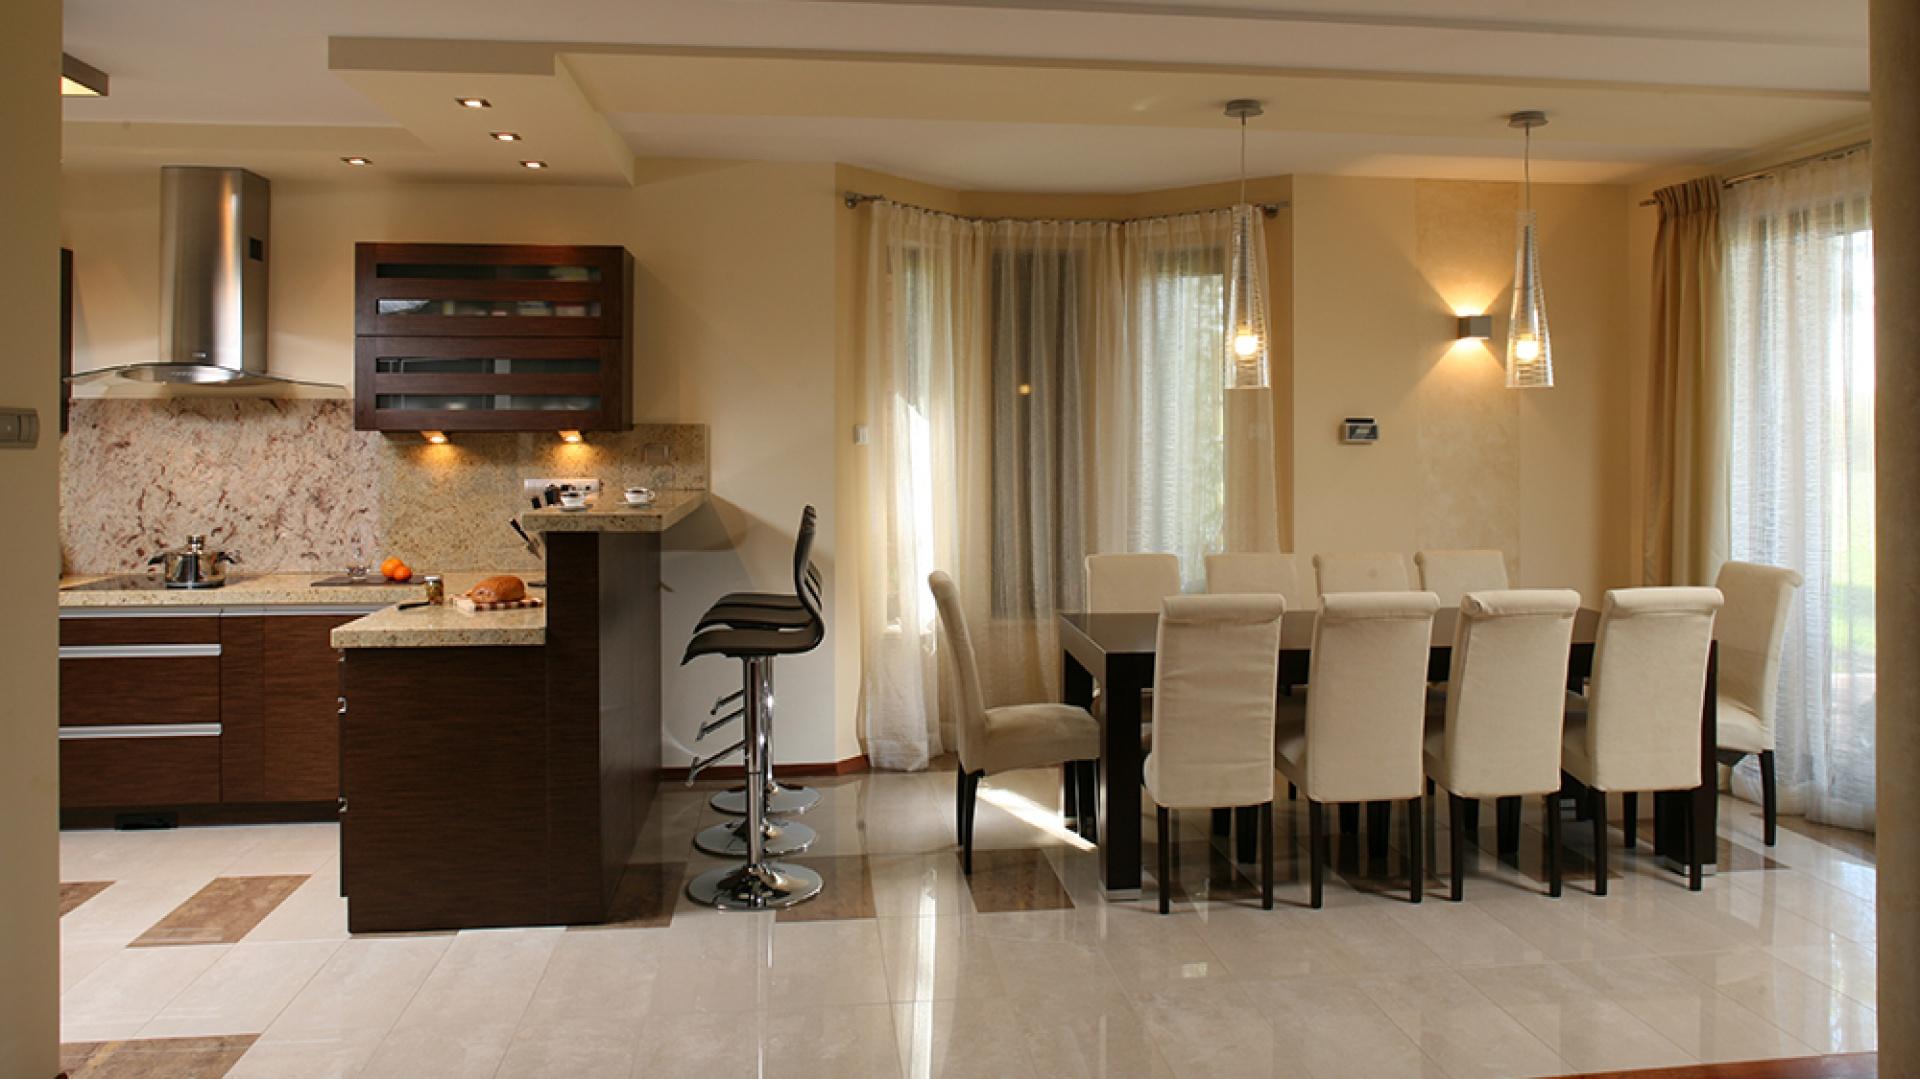 """Otwarta kuchnia tworzy wraz z jadalnią całość jednolitą pod względem kolorystyki, stylu i form. Wspólnie stanowią """"serce"""" gościnnego domu. Fot. Bartosz Jarosz."""